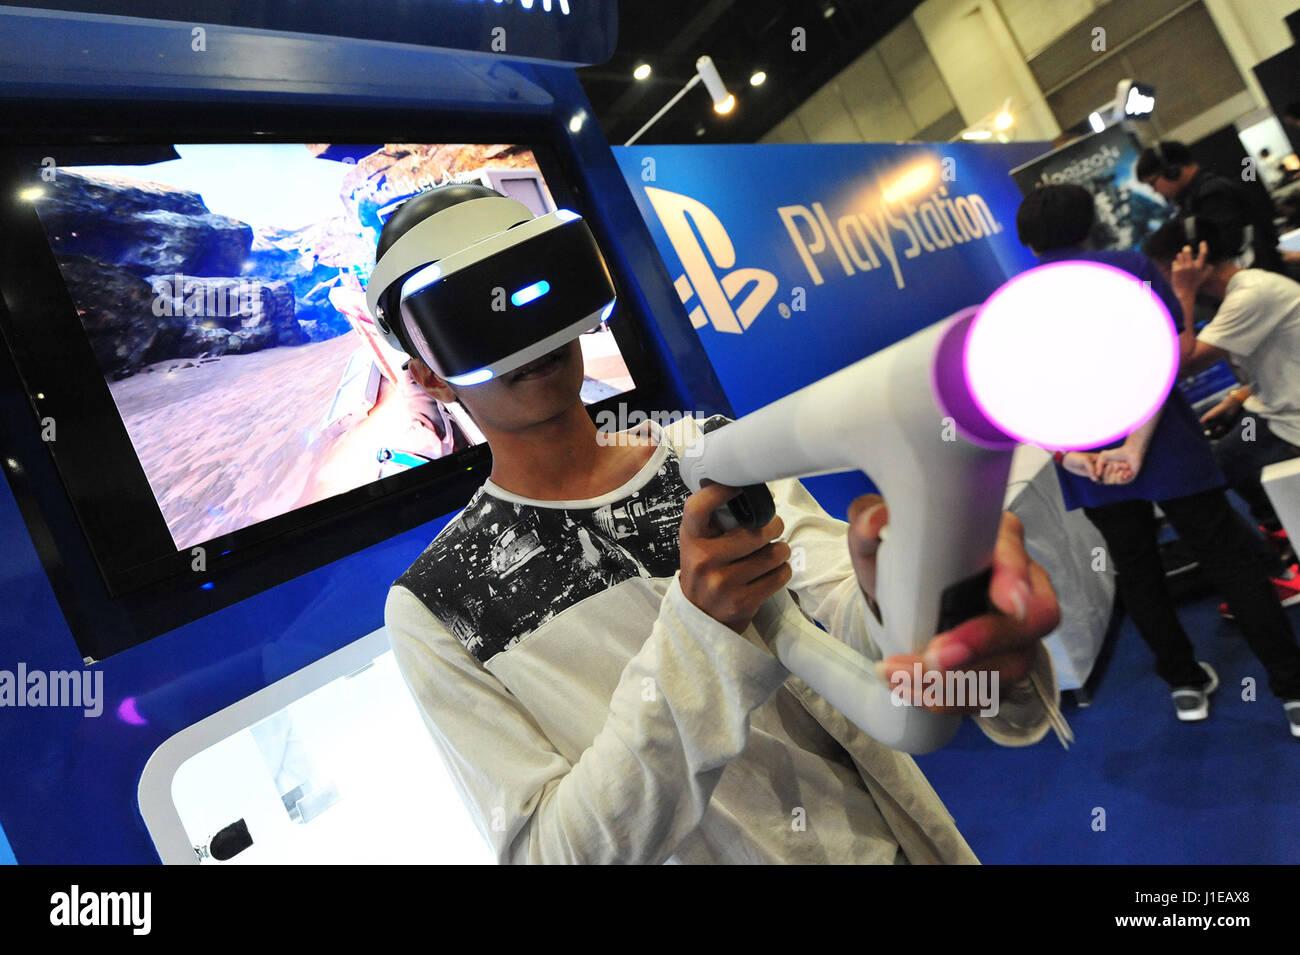 Bangkok, Thaïlande. Apr 21, 2017. Un visiteur essaye sur une réalité virtuelle (RV) périphérique de jeu au cours de la Thaïlande Comic Con 2017 à Bangkok, Thaïlande, le 21 avril 2017. Thaïlande Comic Con 2017, un événement de trois jours qui dispose d'animations, dessins animés, jeux vidéo et autres activités connexes et des produits, a été lancé à Bangkok le vendredi. Credit: Rachen Sageamsak/Xinhua/Alamy Live News Banque D'Images